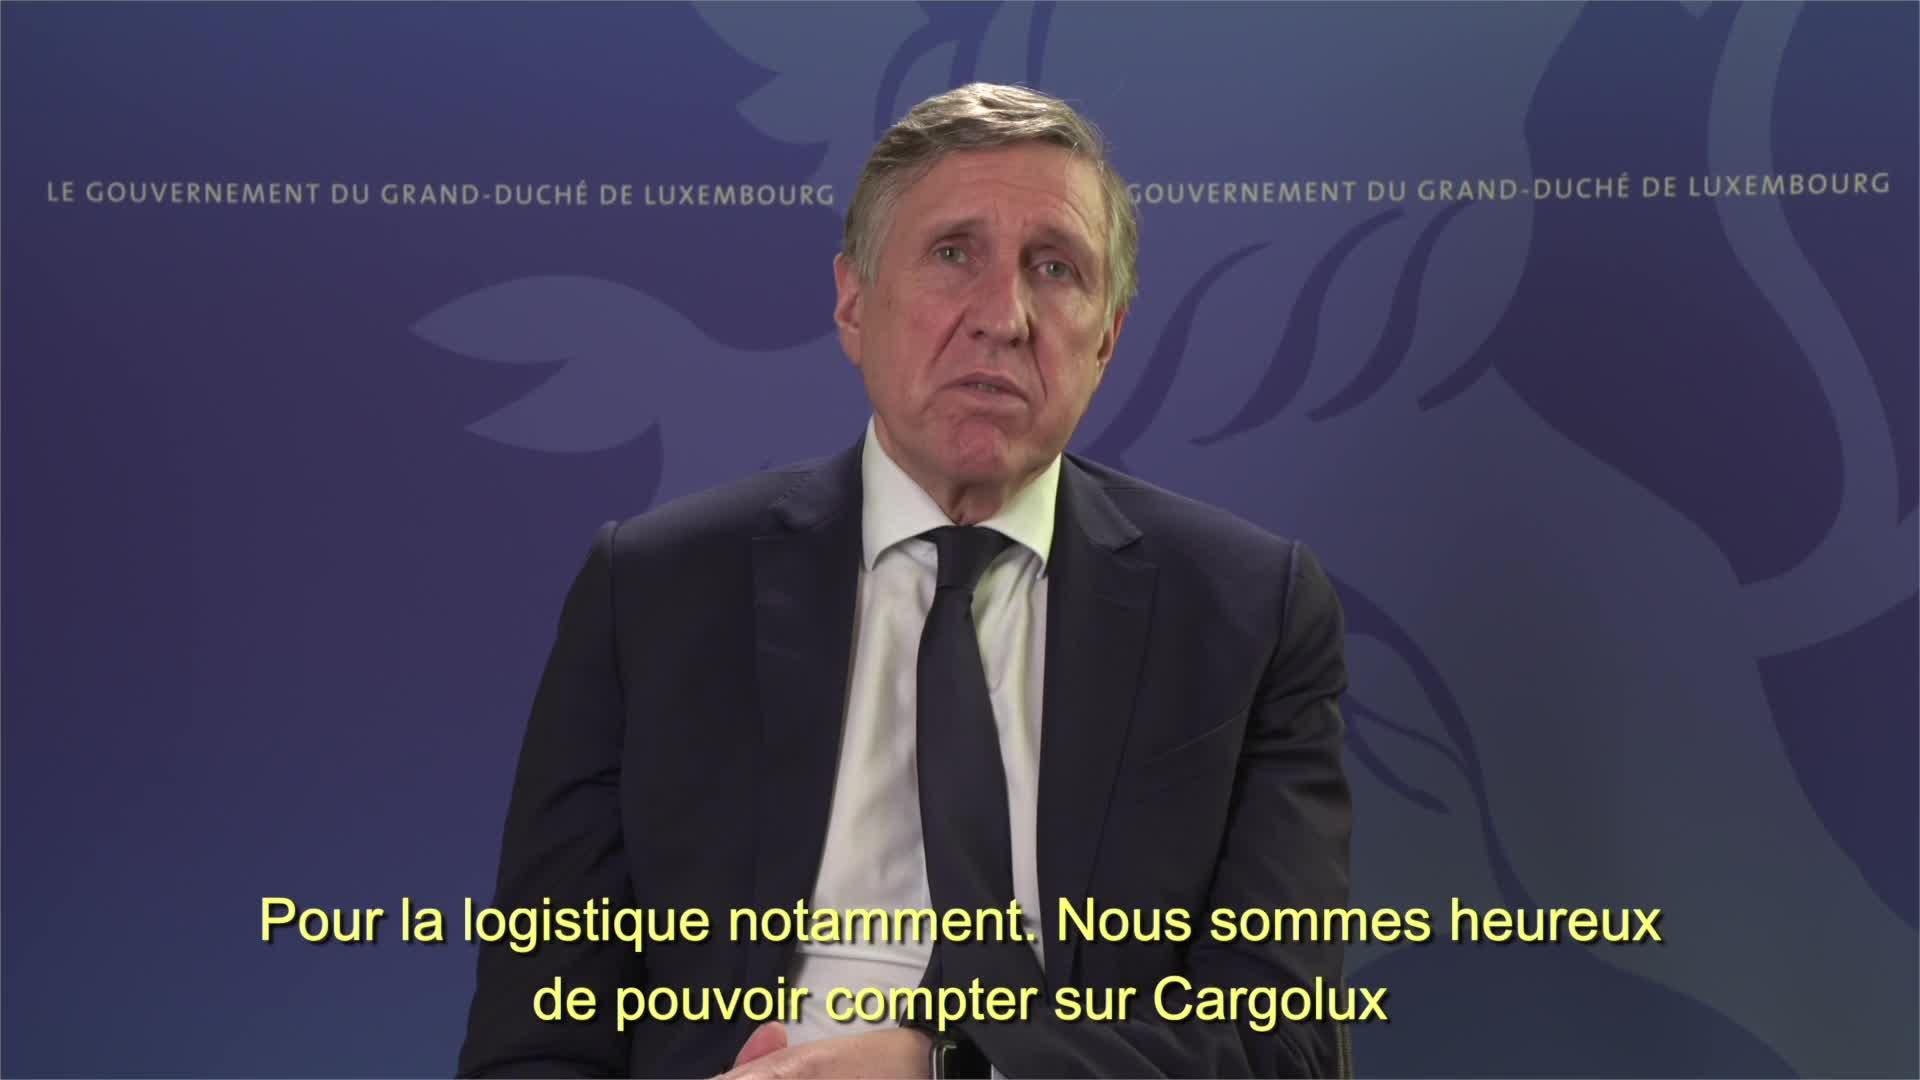 Covid19 - Le Vice-Premier ministre, François Bausch, informe (Mobilité)